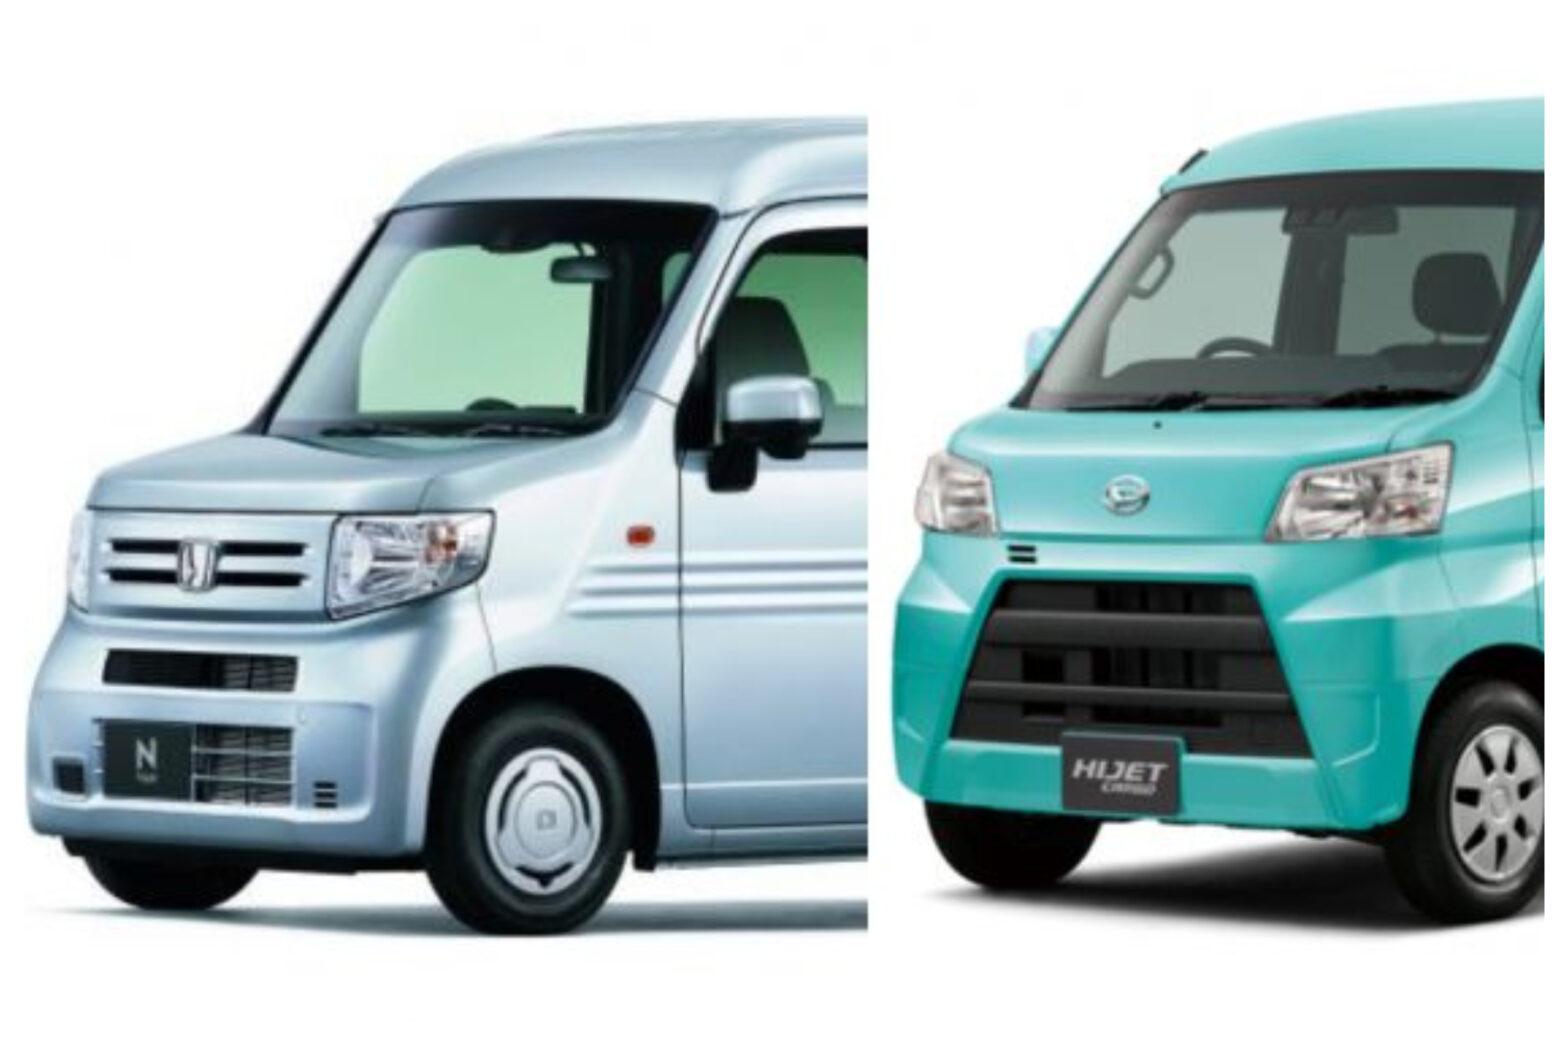 【ホンダ新型N-VAN vs ダイハツ ハイゼットカーゴ】軽バンライバル車徹底比較!